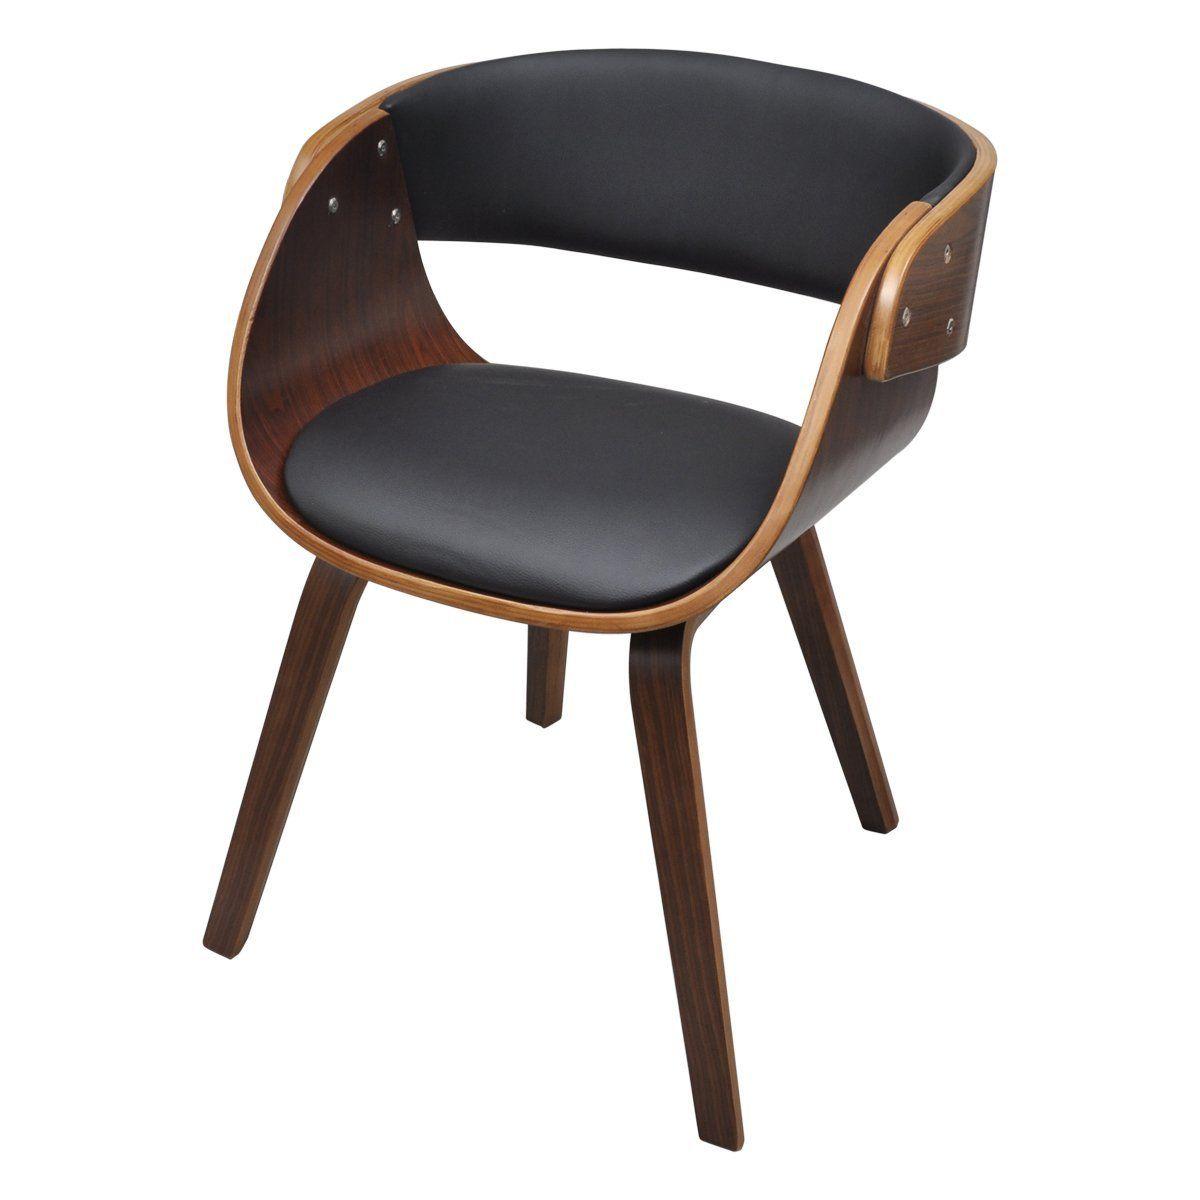 esszimmer stuhl stühle sessel esszimmerstühle holzrahmen braun, Esszimmer dekoo